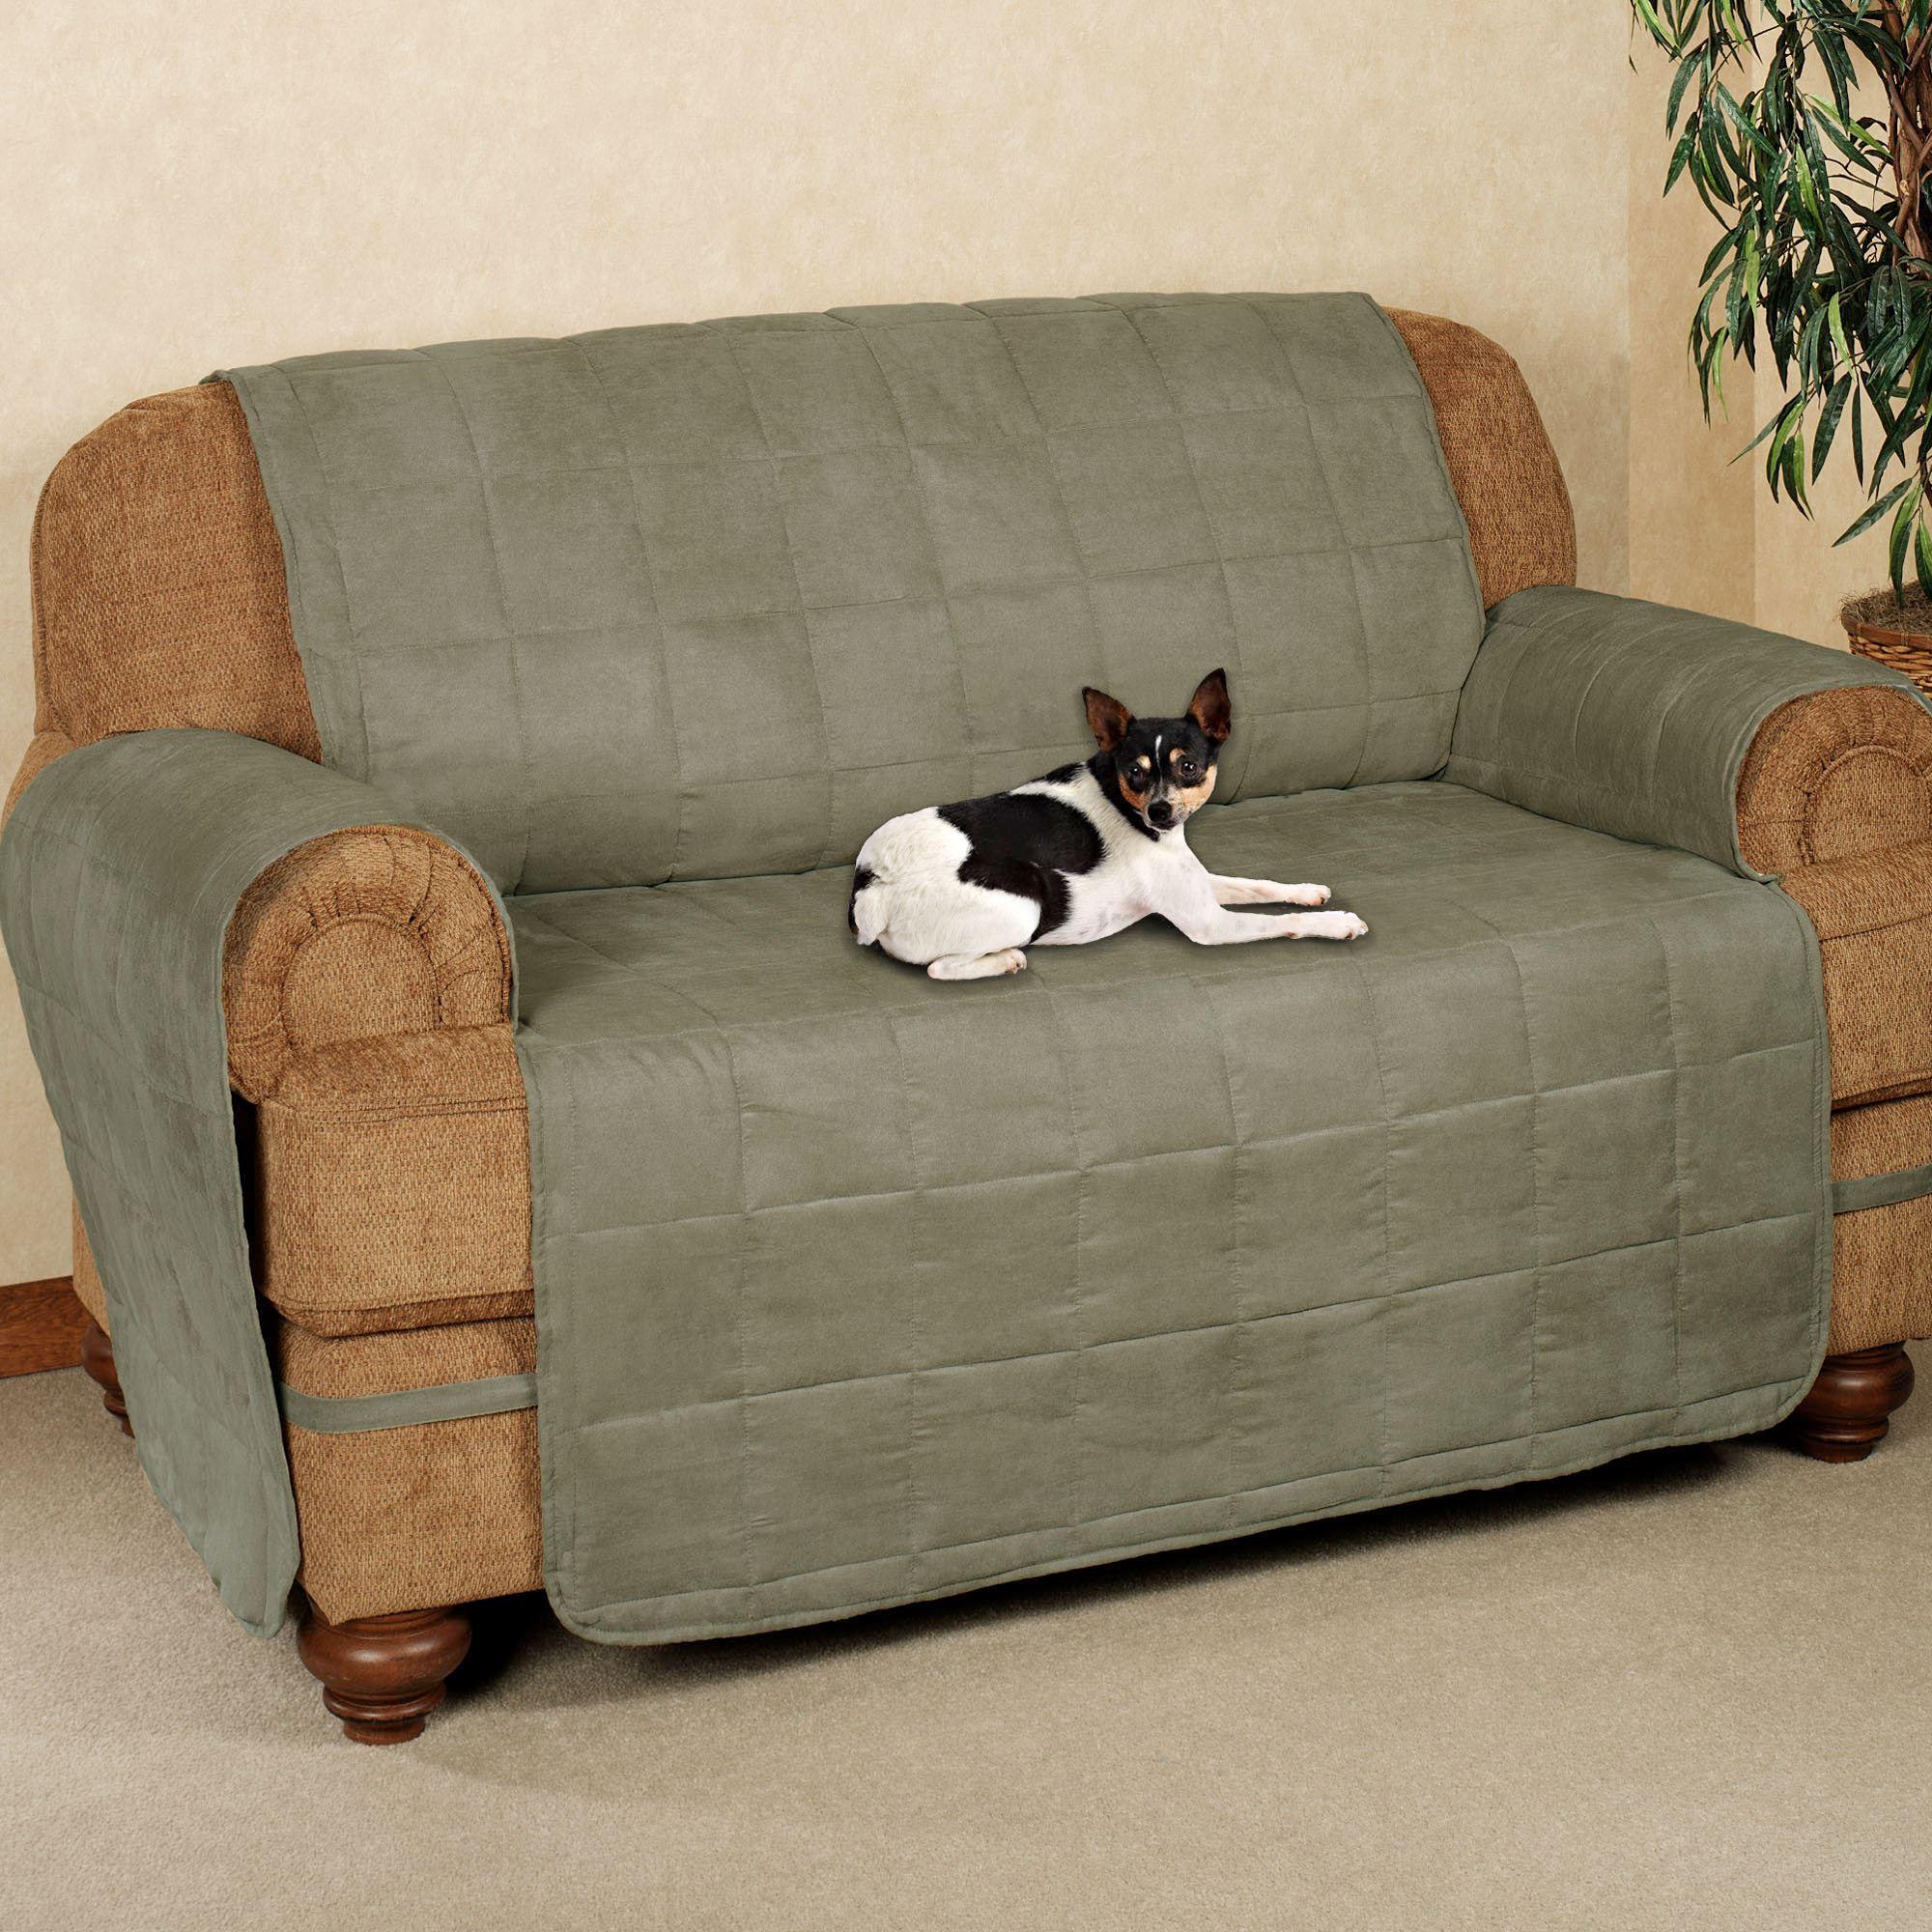 ultimate pet furniture sofa cover sofa IMIALVB